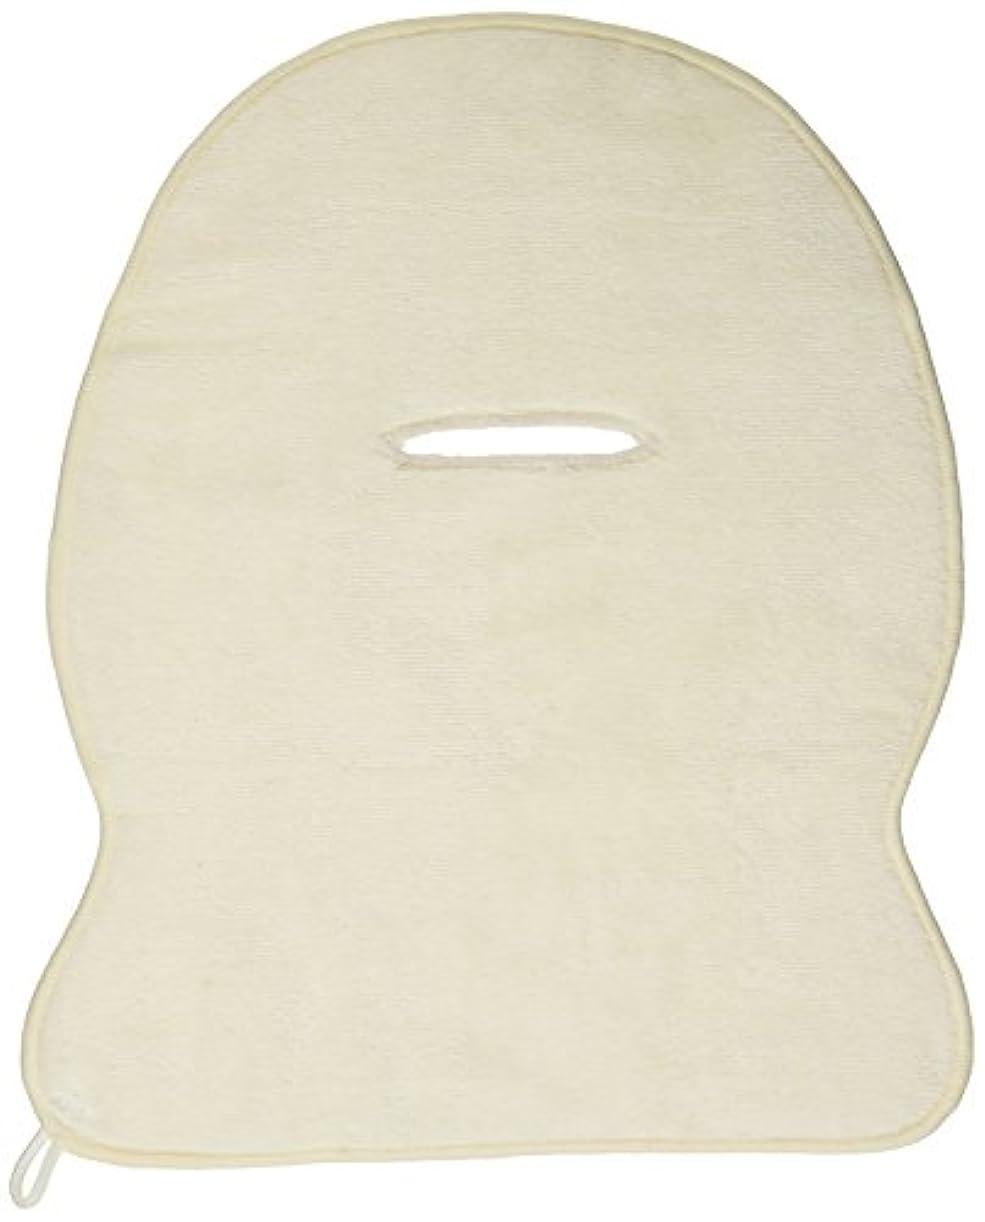 器官レジパーセントコラーゲン配合 コエンザイム スチームマスク